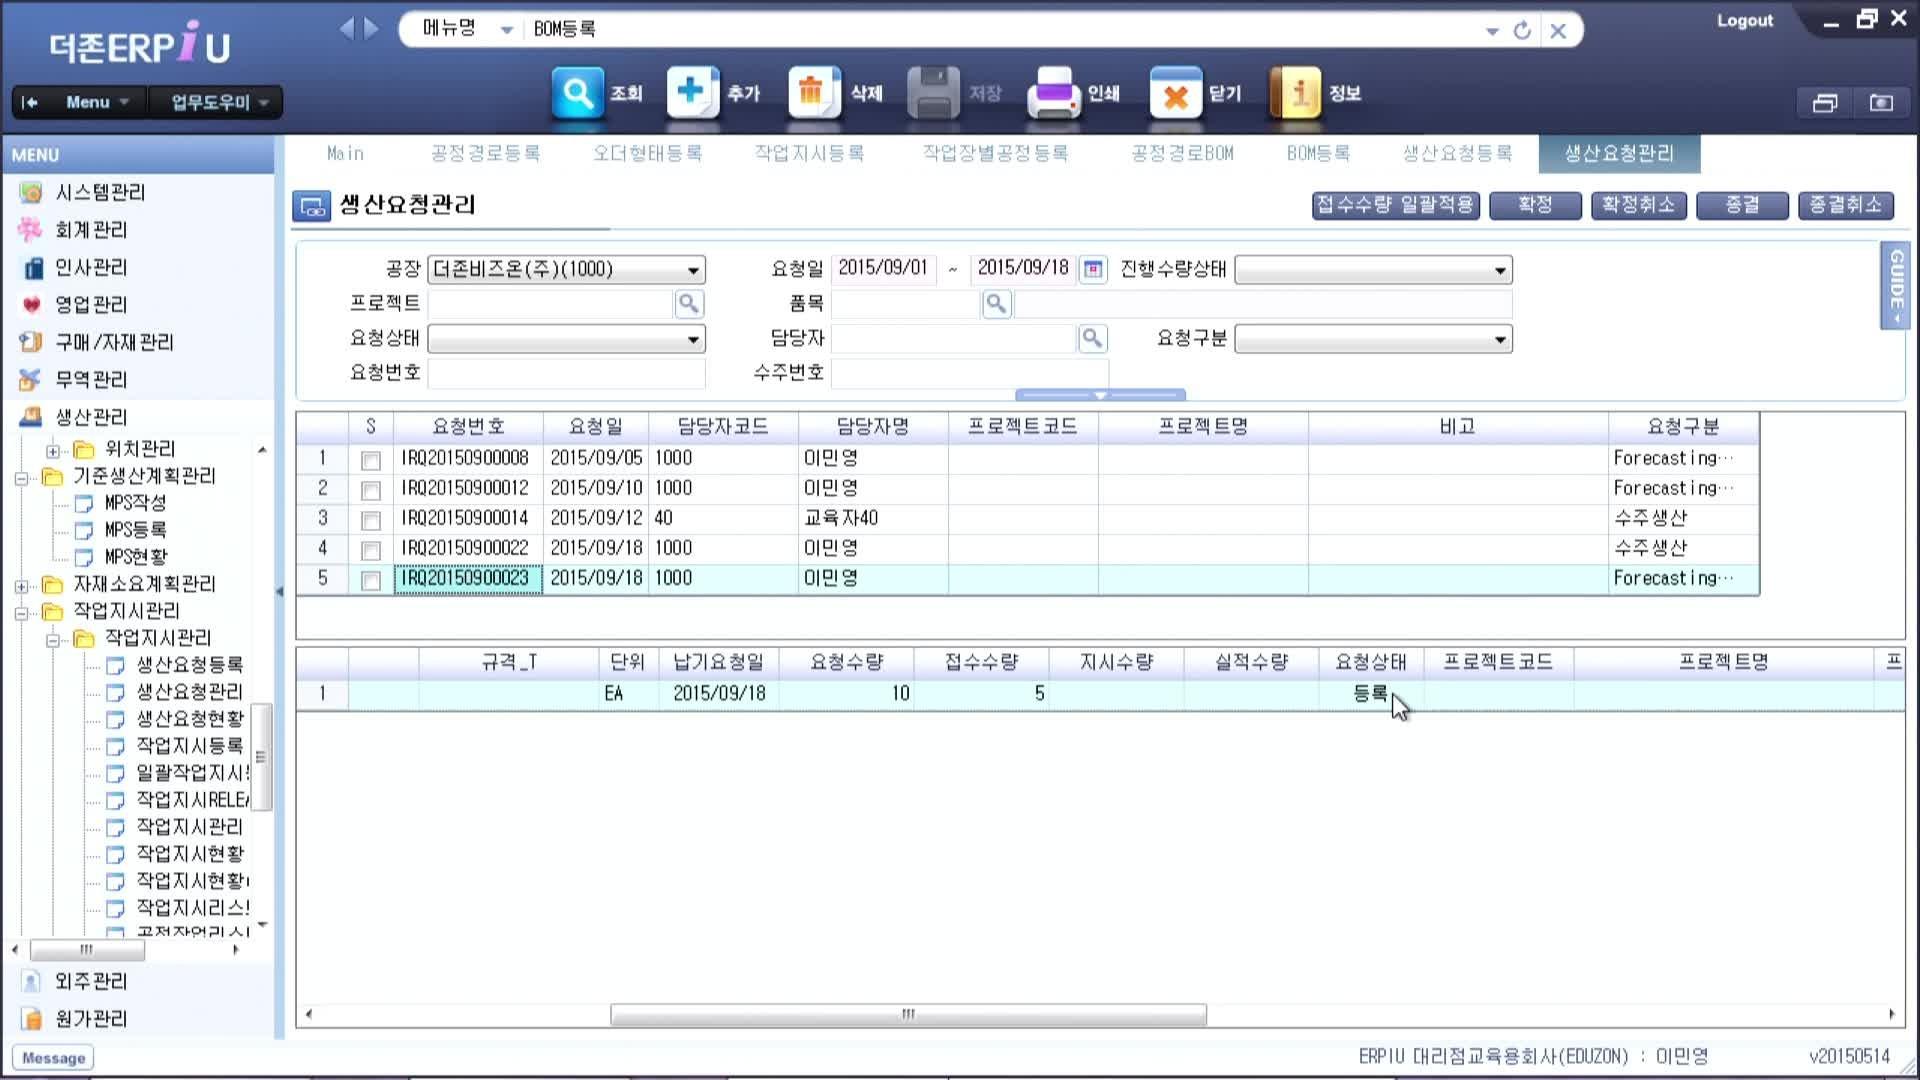 4차시_생산관리_작업지시관리 - 4. 생산요청 및 작업지시등록